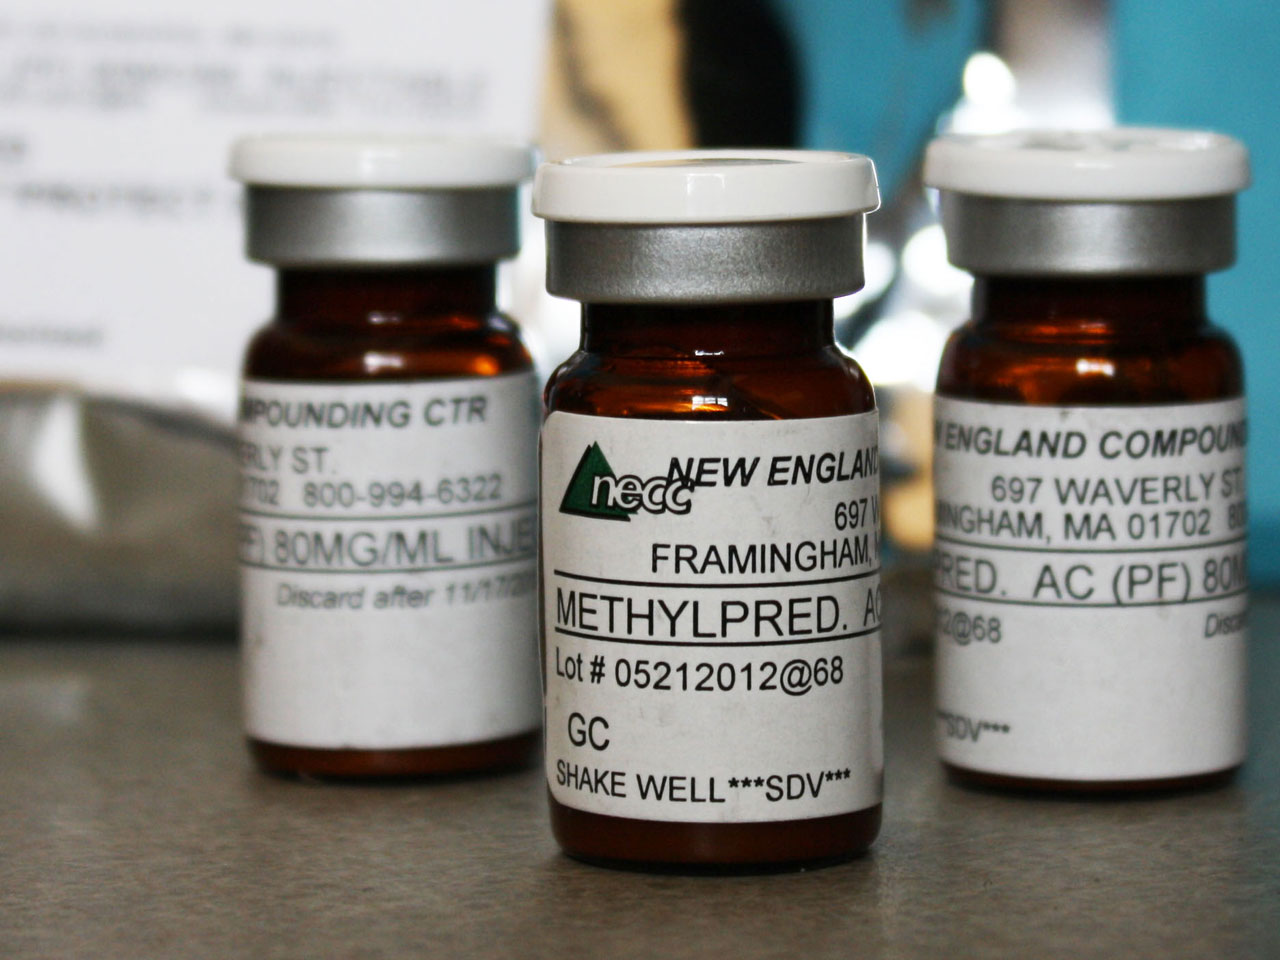 Cdc steroids organon 2008